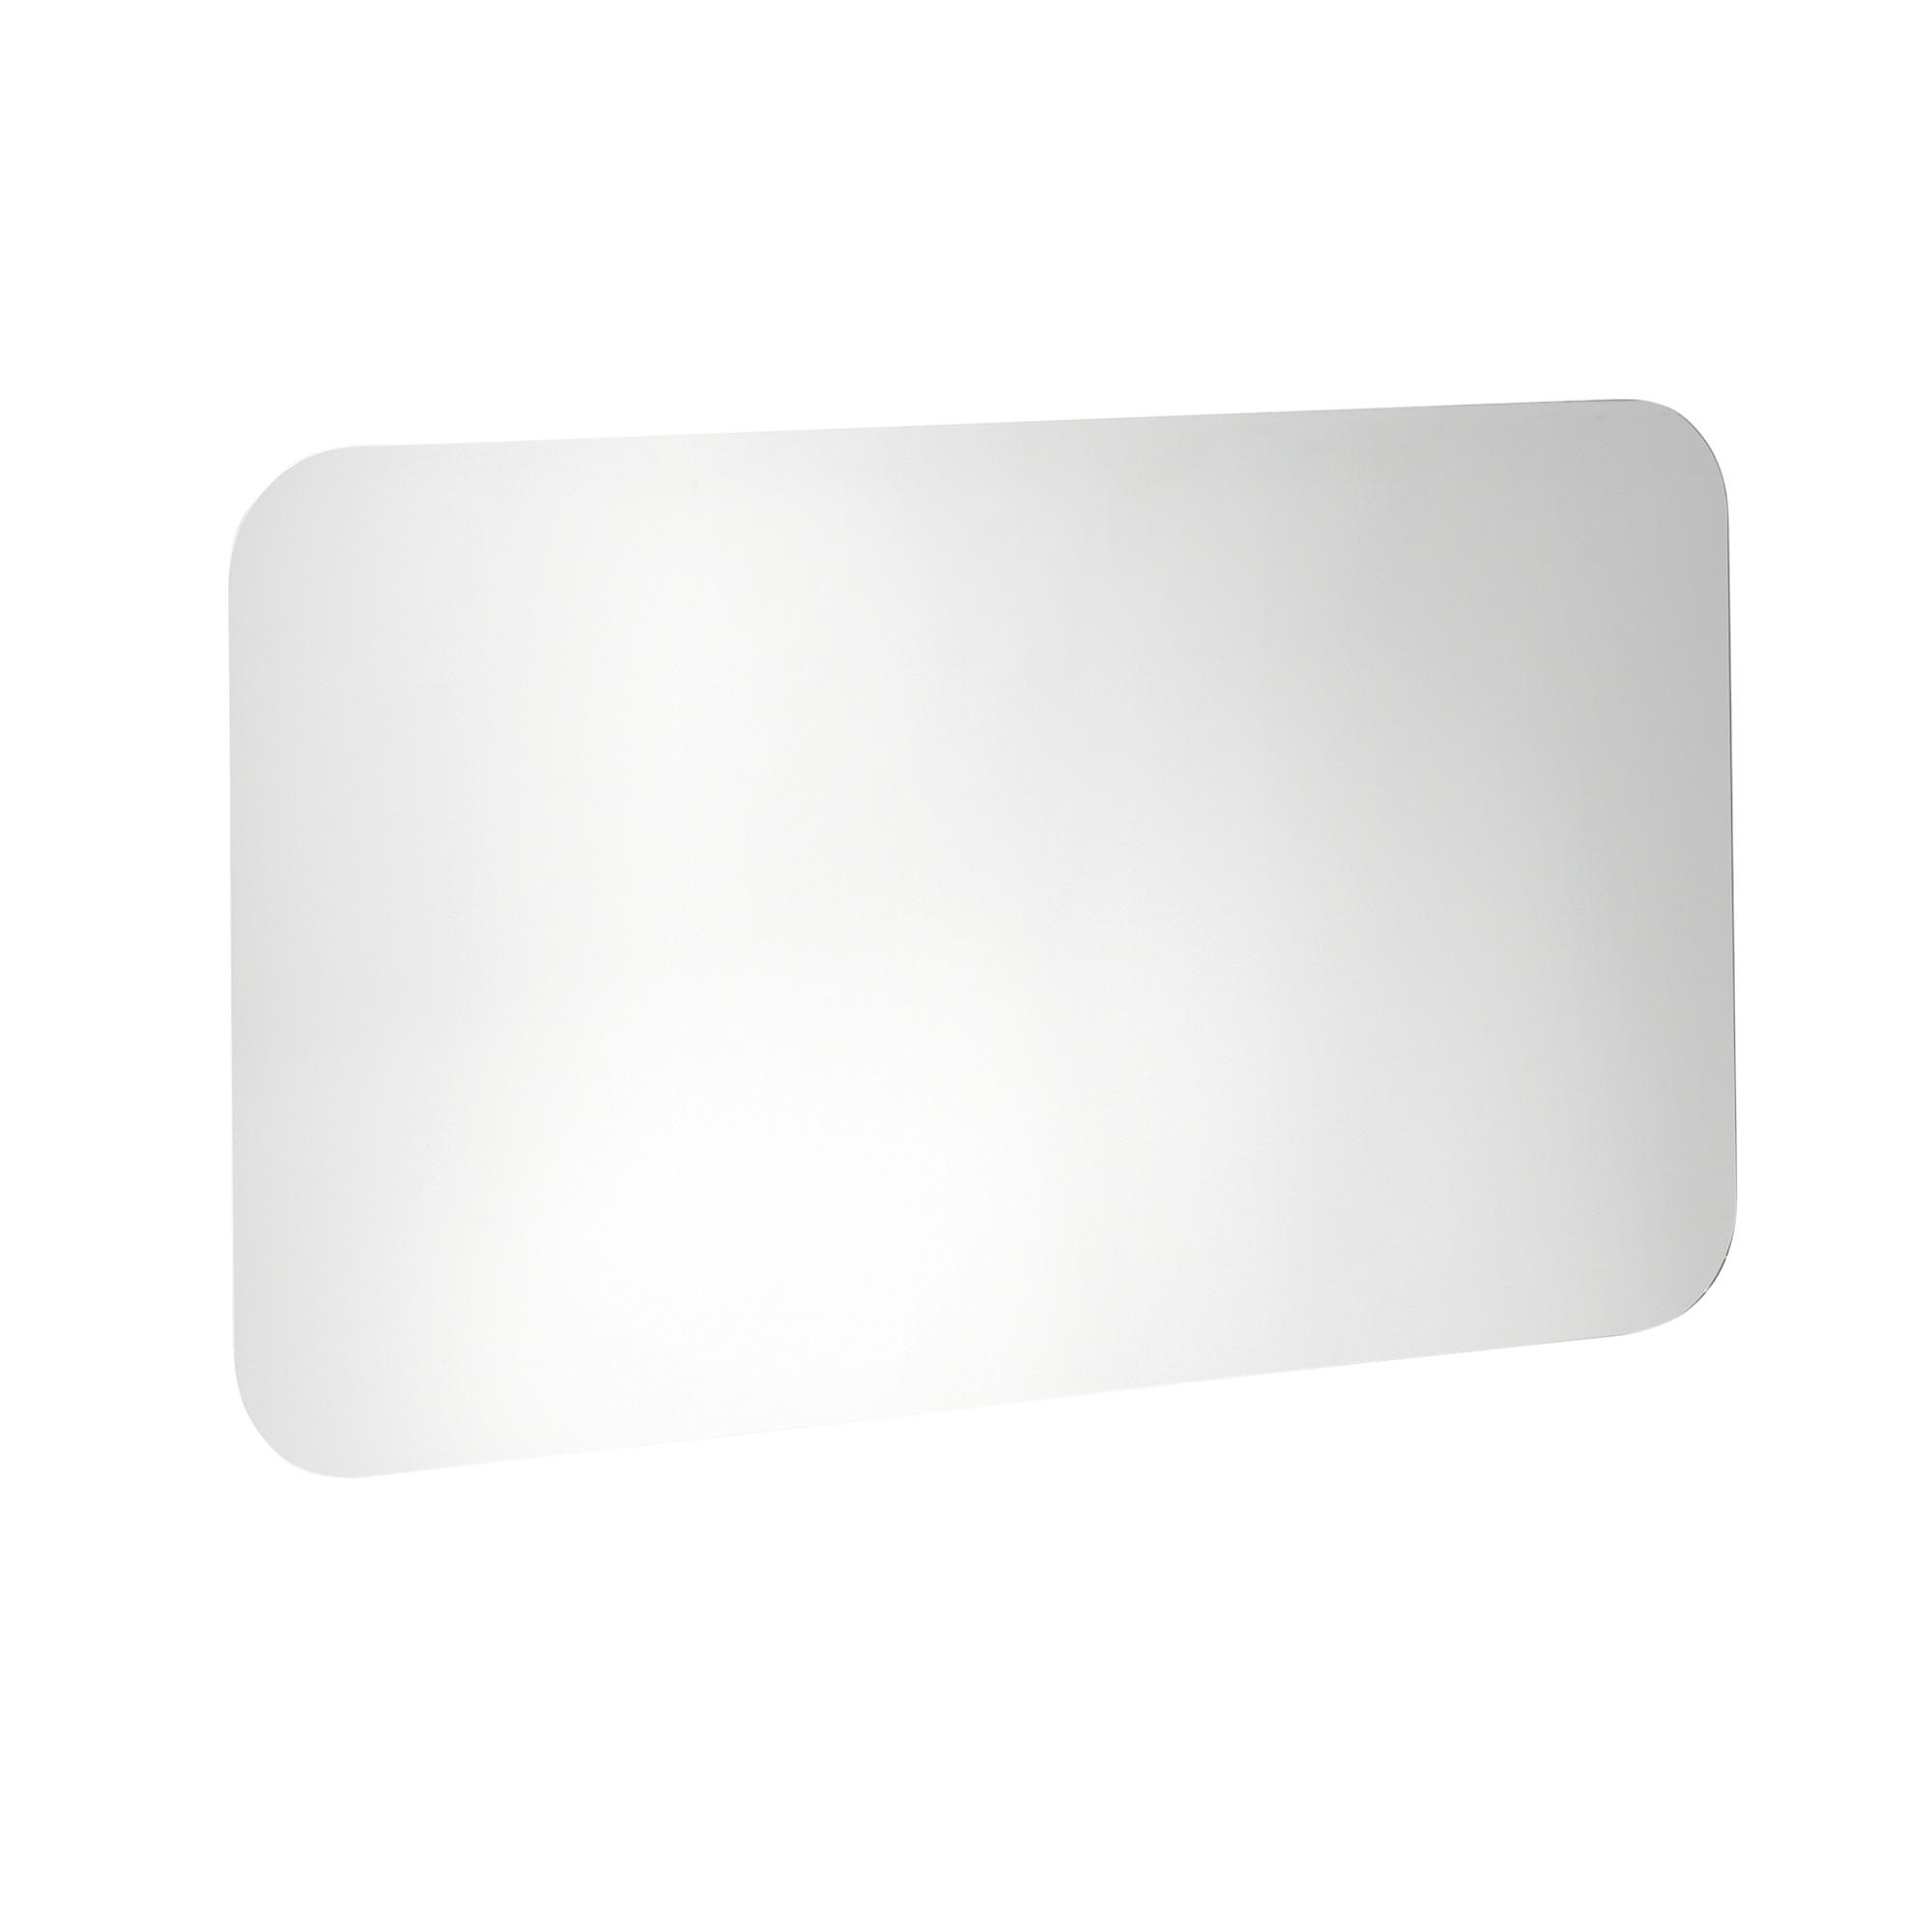 Tiger Ontario spiegelpaneel 105 cm spiegel